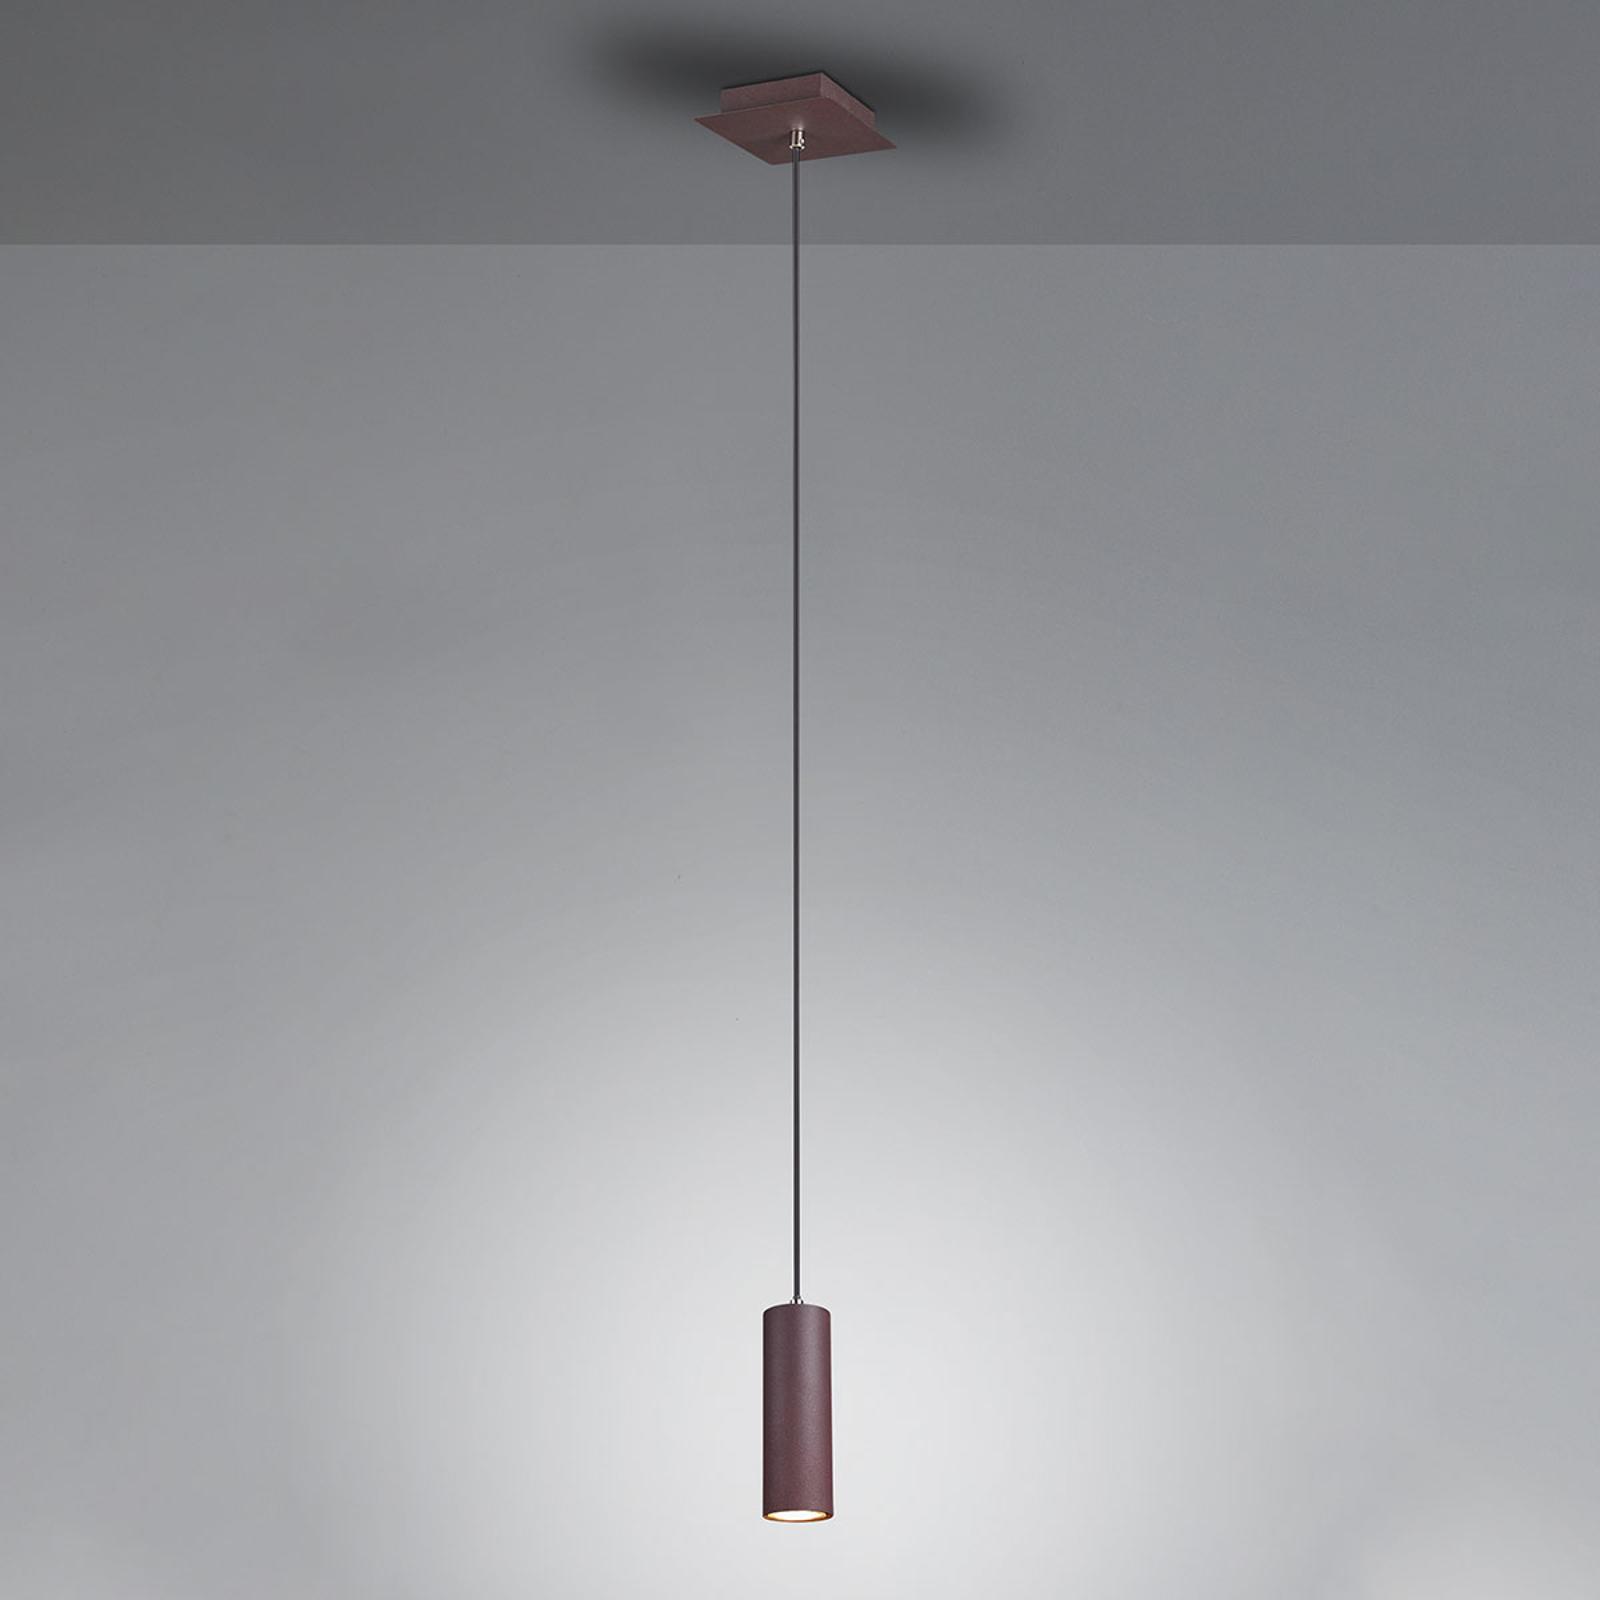 Lampa wisząca Marley rdzawobrązowa, 1-punktowa